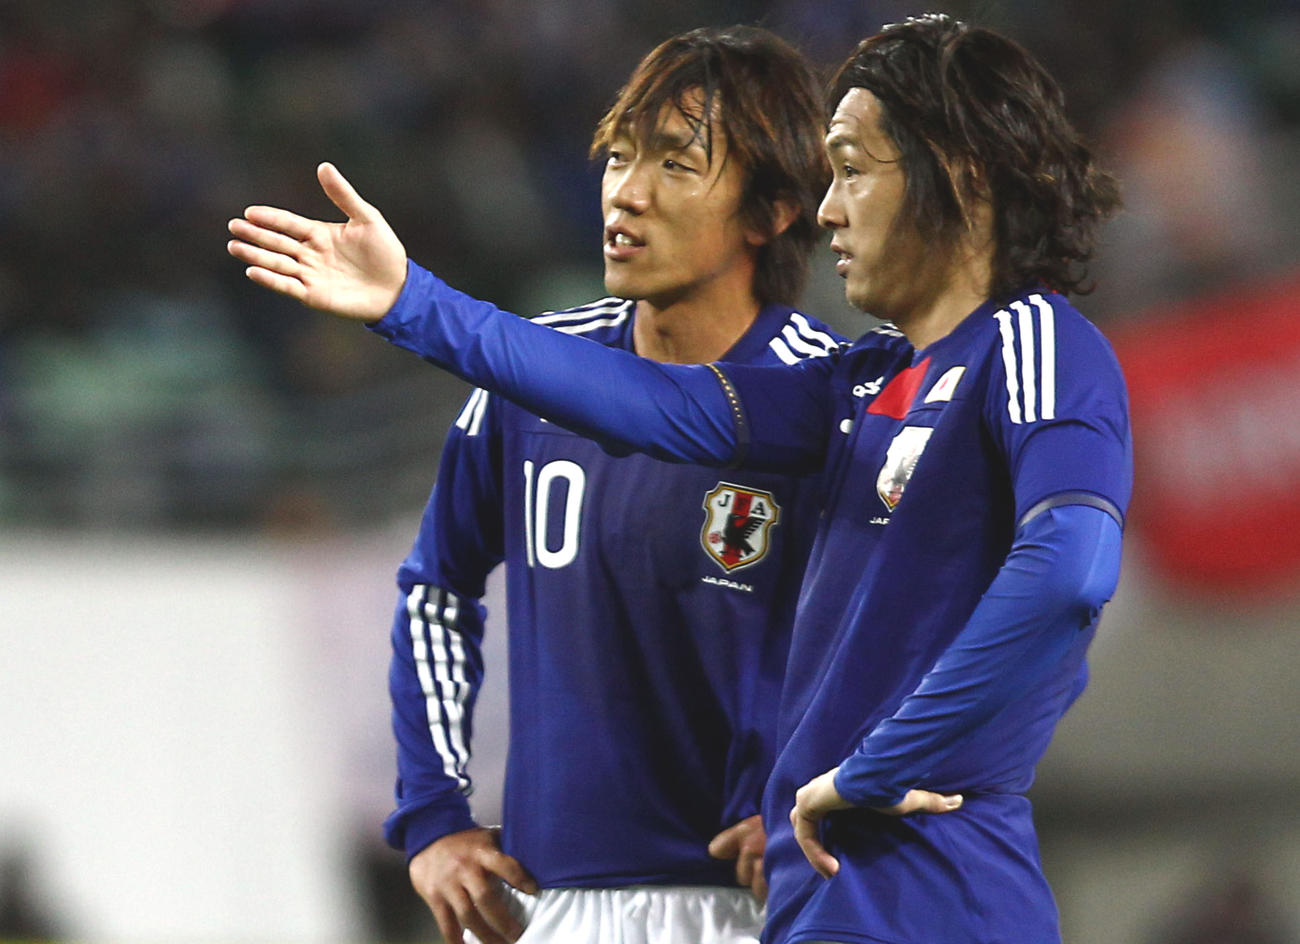 10年4月、日本-セネガル戦で、FKの前に言葉を交わす遠藤(右)と中村